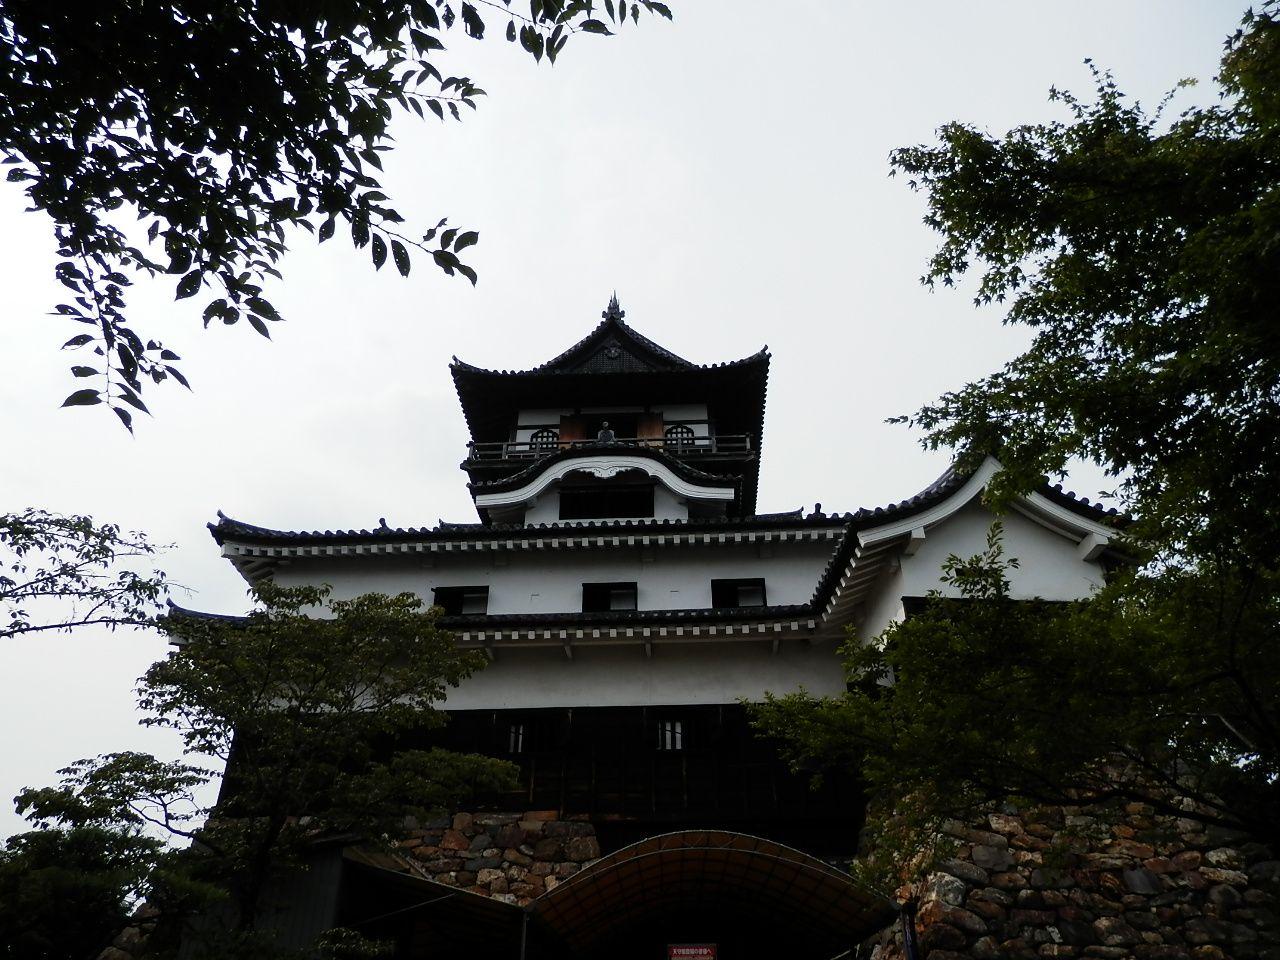 7.戦国合戦の舞台!日本最古の天守擁する国宝「犬山城」